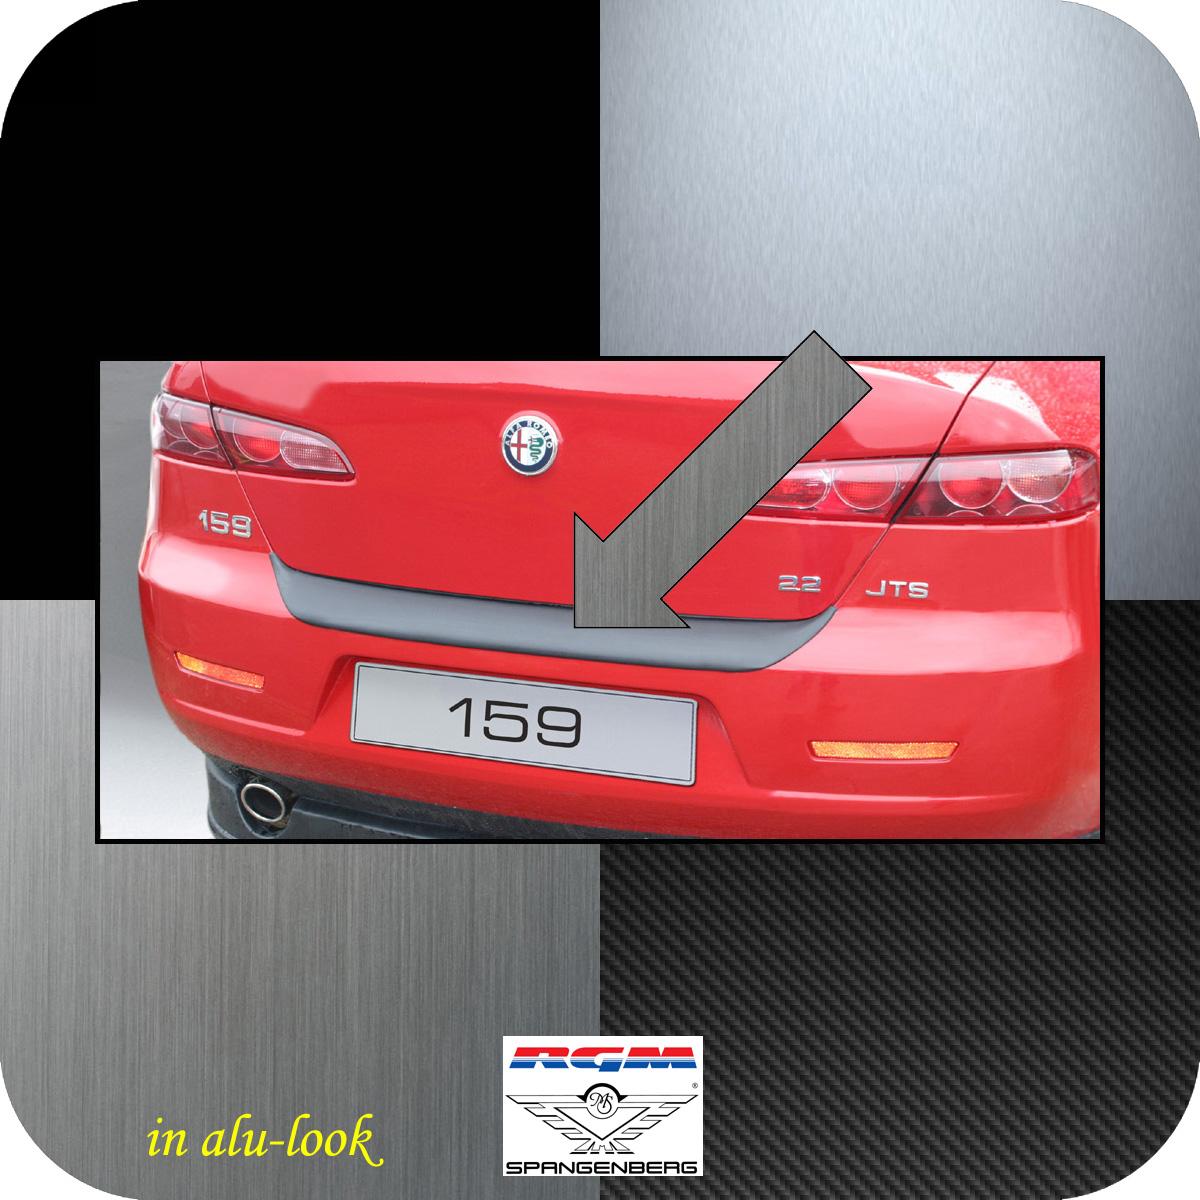 Ladekantenschutz Alu-Look Alfa Romeo 159 Limousine 4-Türer 2005-11 3504131